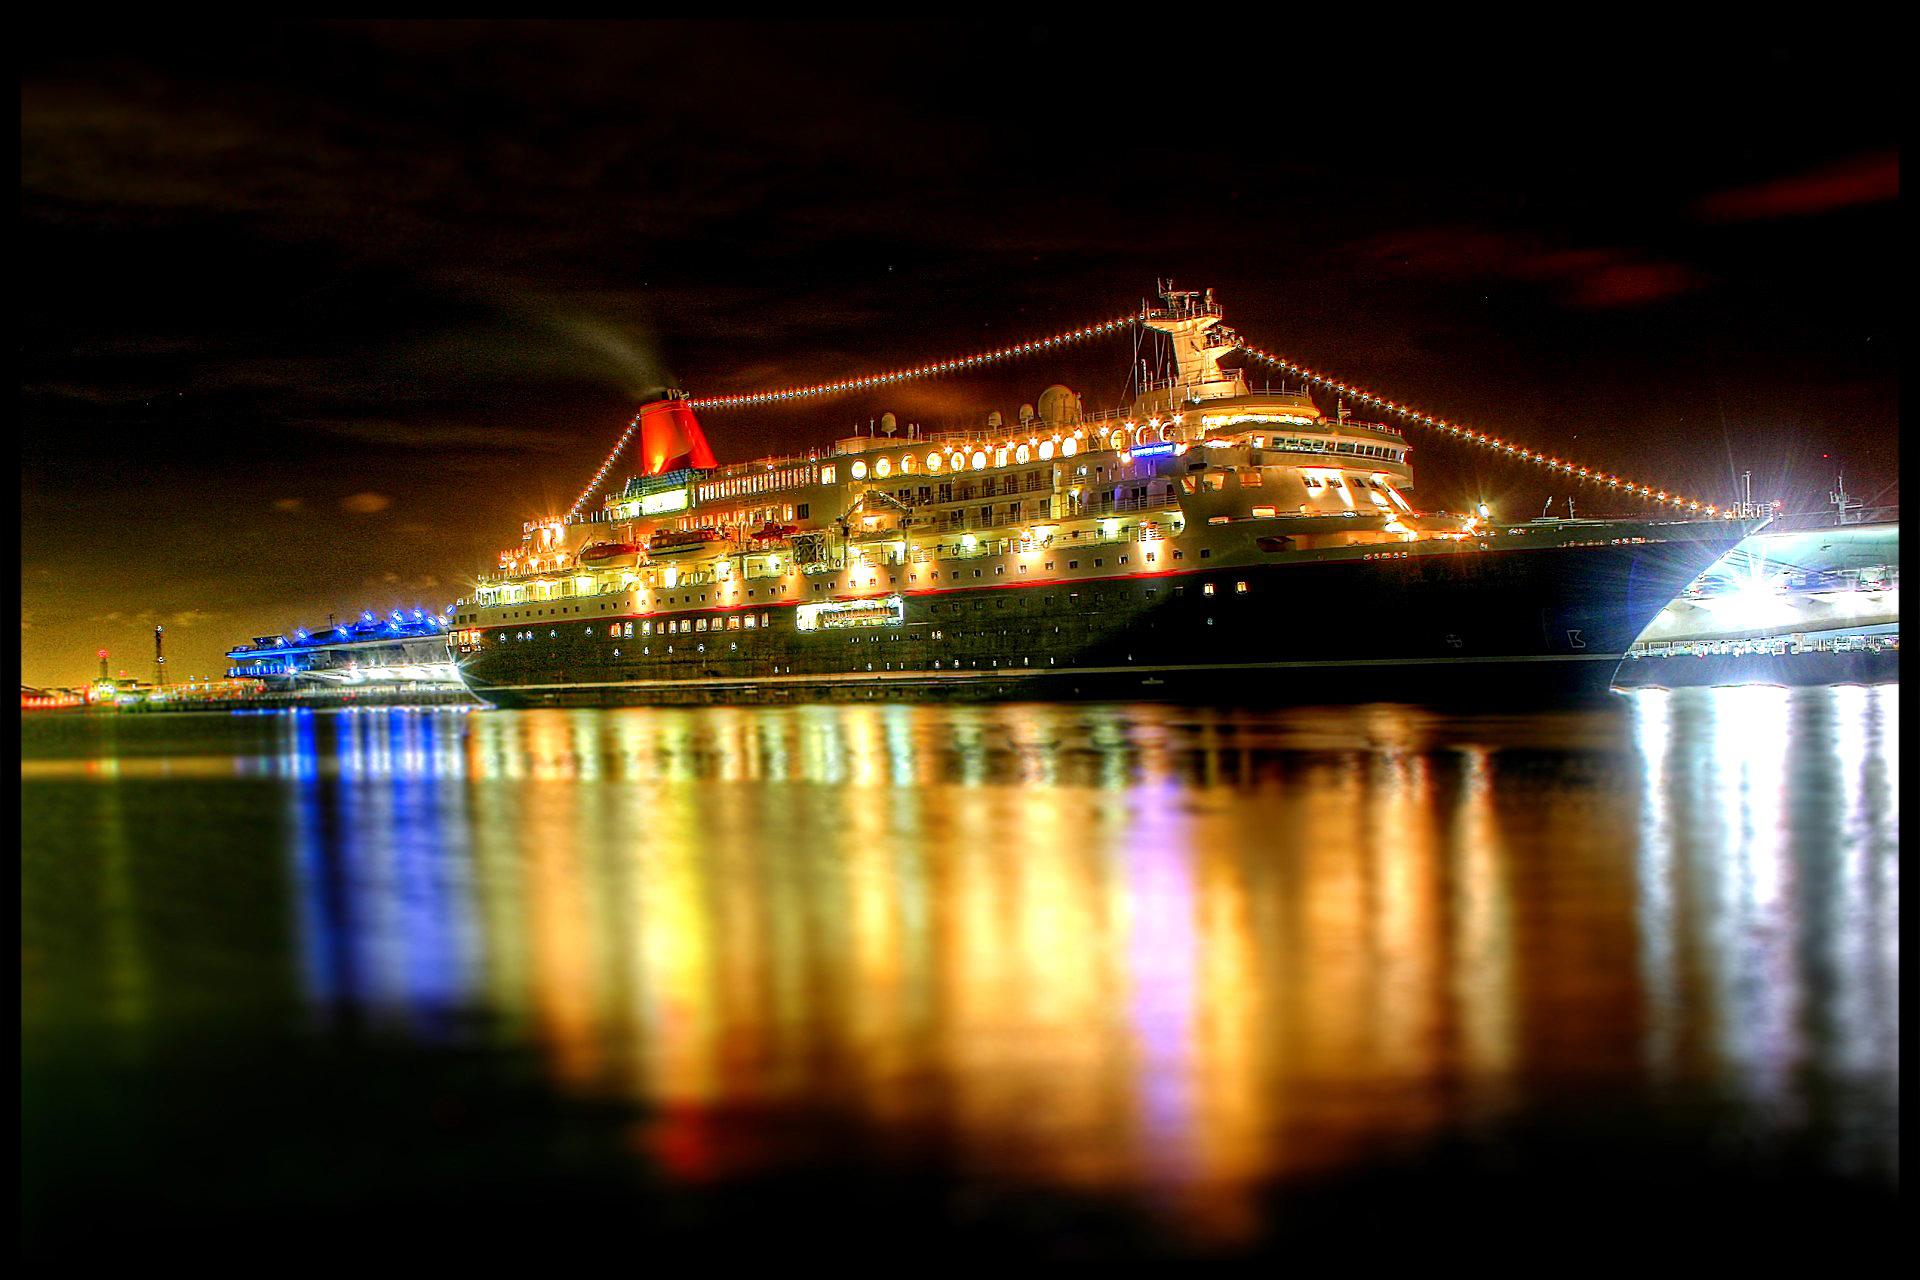 Sfondi : riflessione nave passeggeri notte corpo dacqua nave da